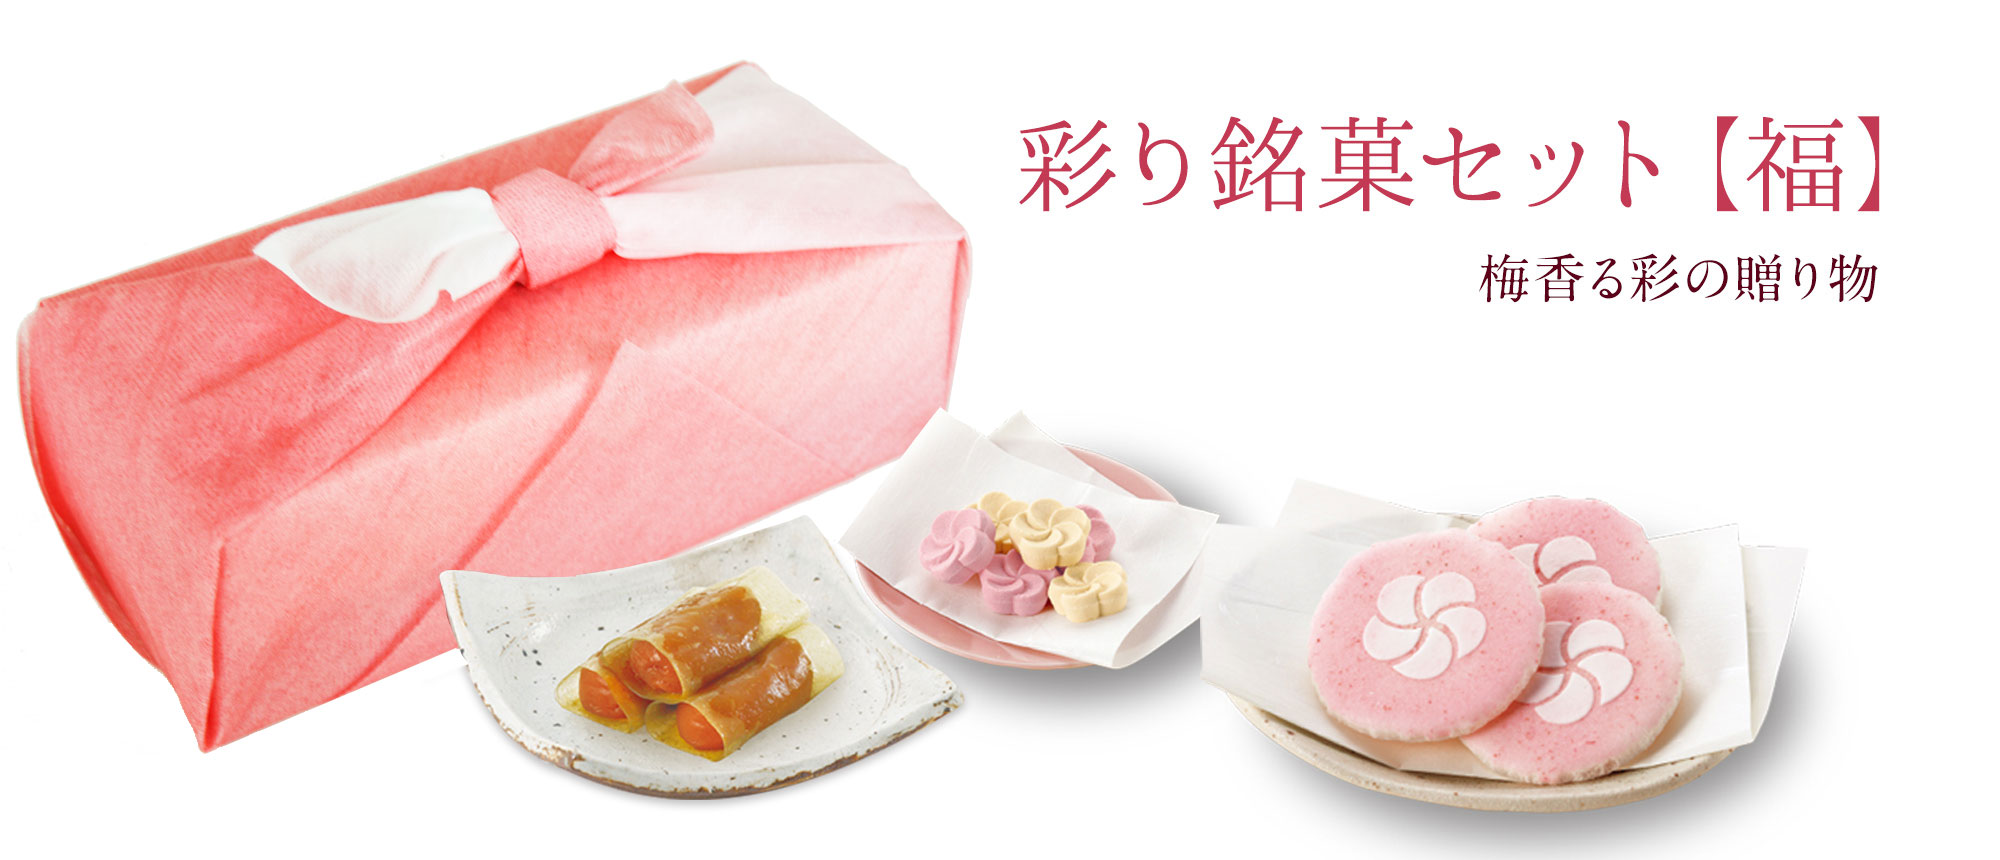 彩り銘菓セット・福 [福つつみとふのやき菓子と和三盆の詰め合わせ]